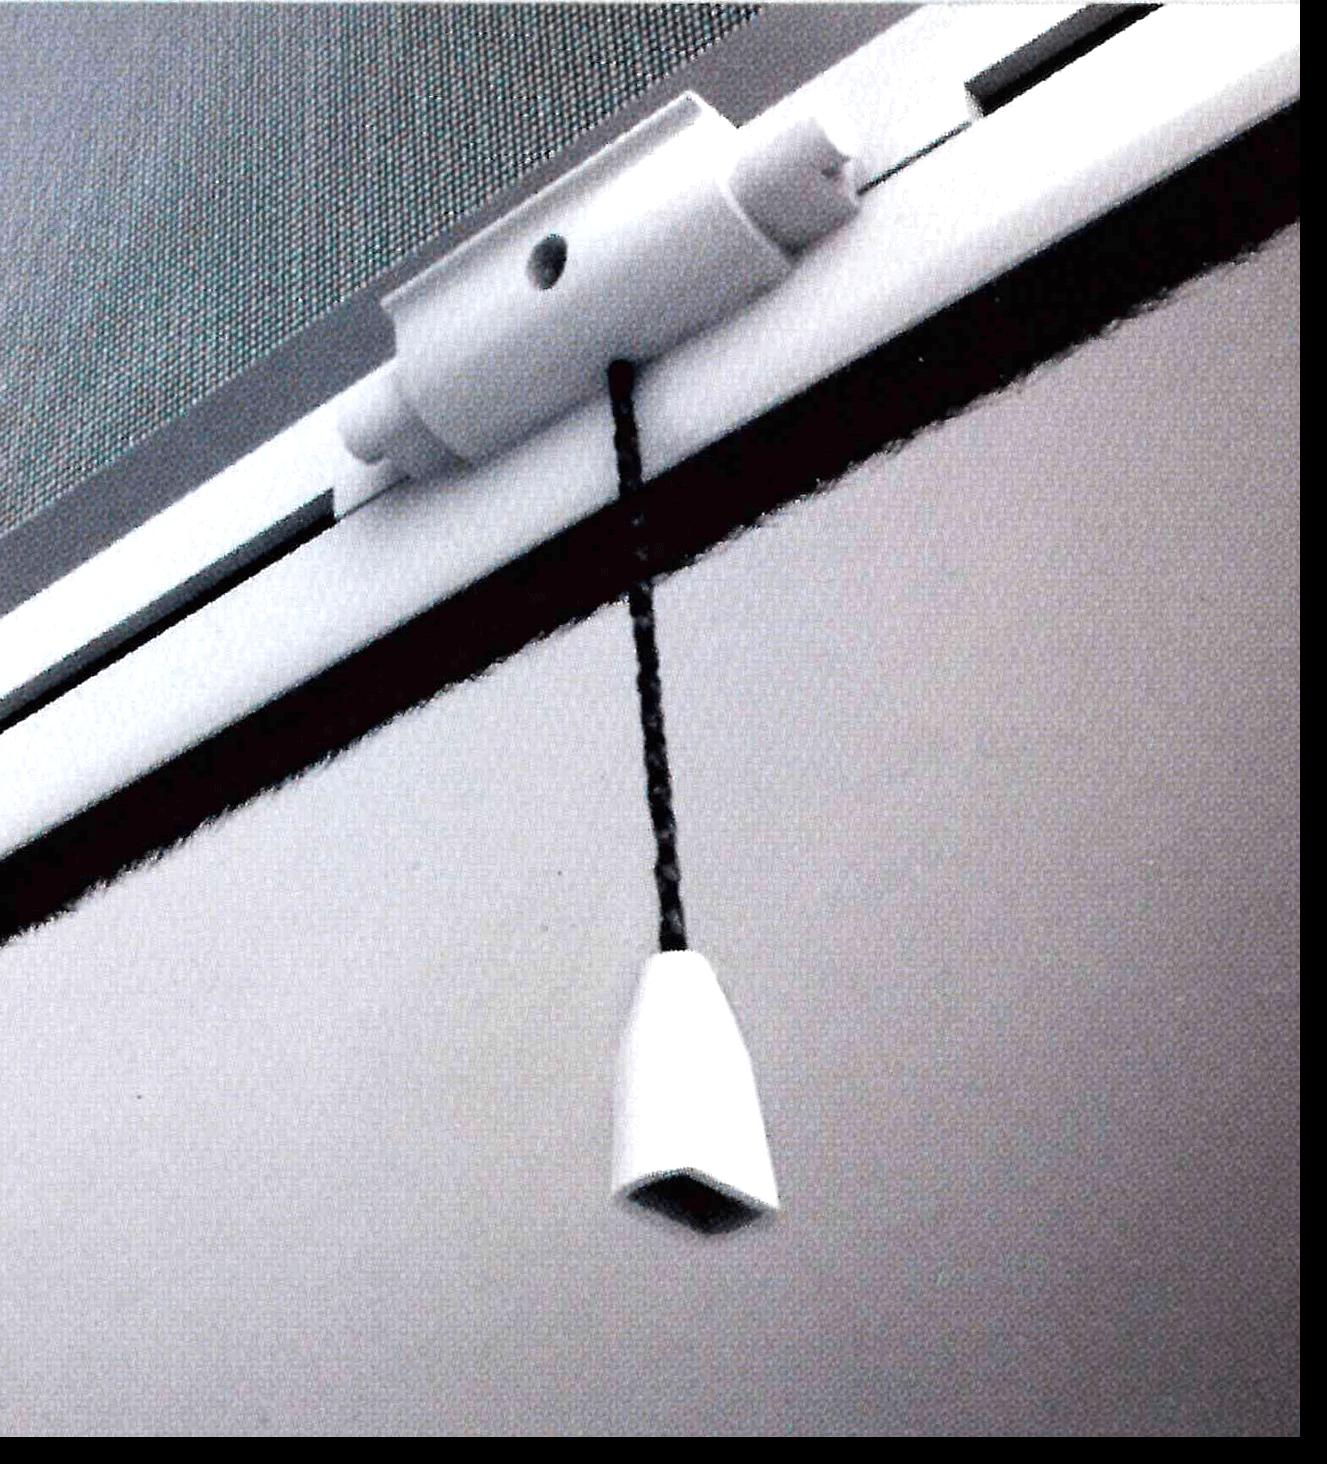 zanzariera-maniglia-con-cricchetto